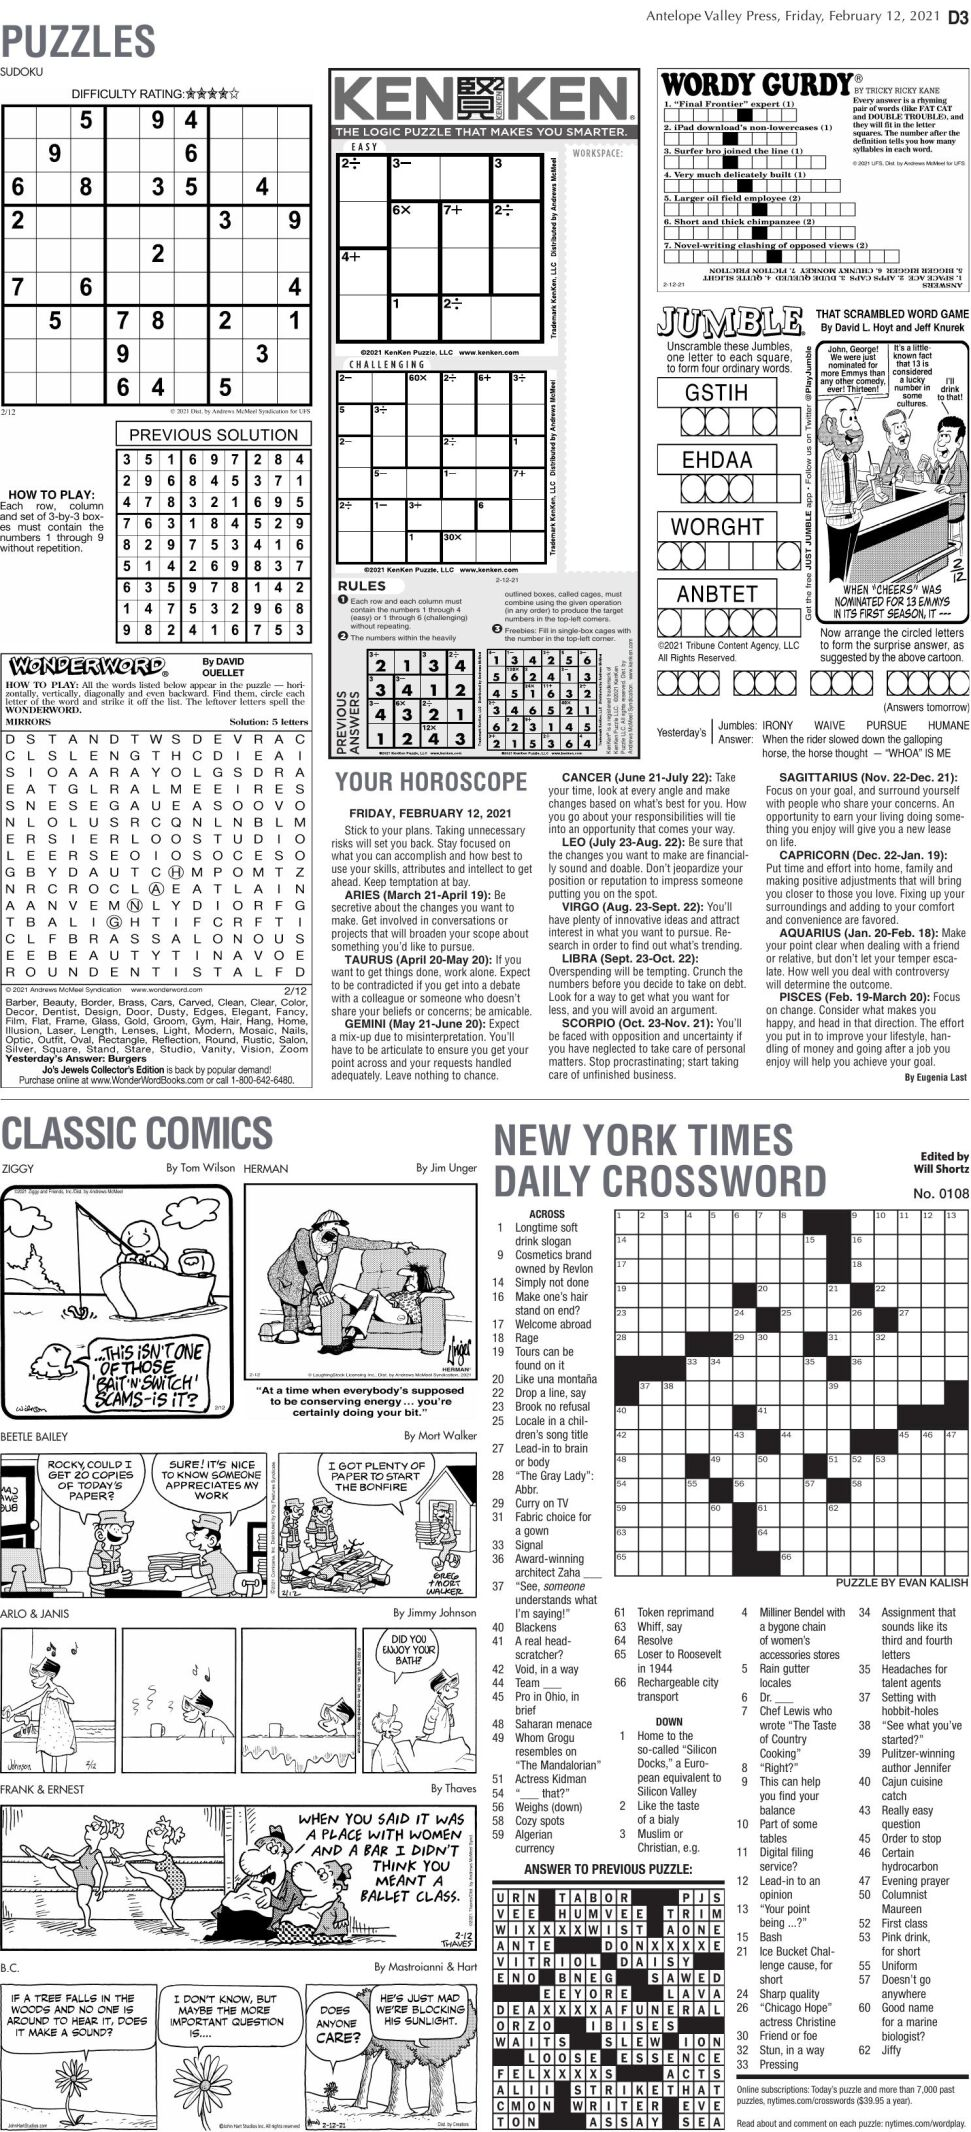 Puzzles, Feb. 12, 2021